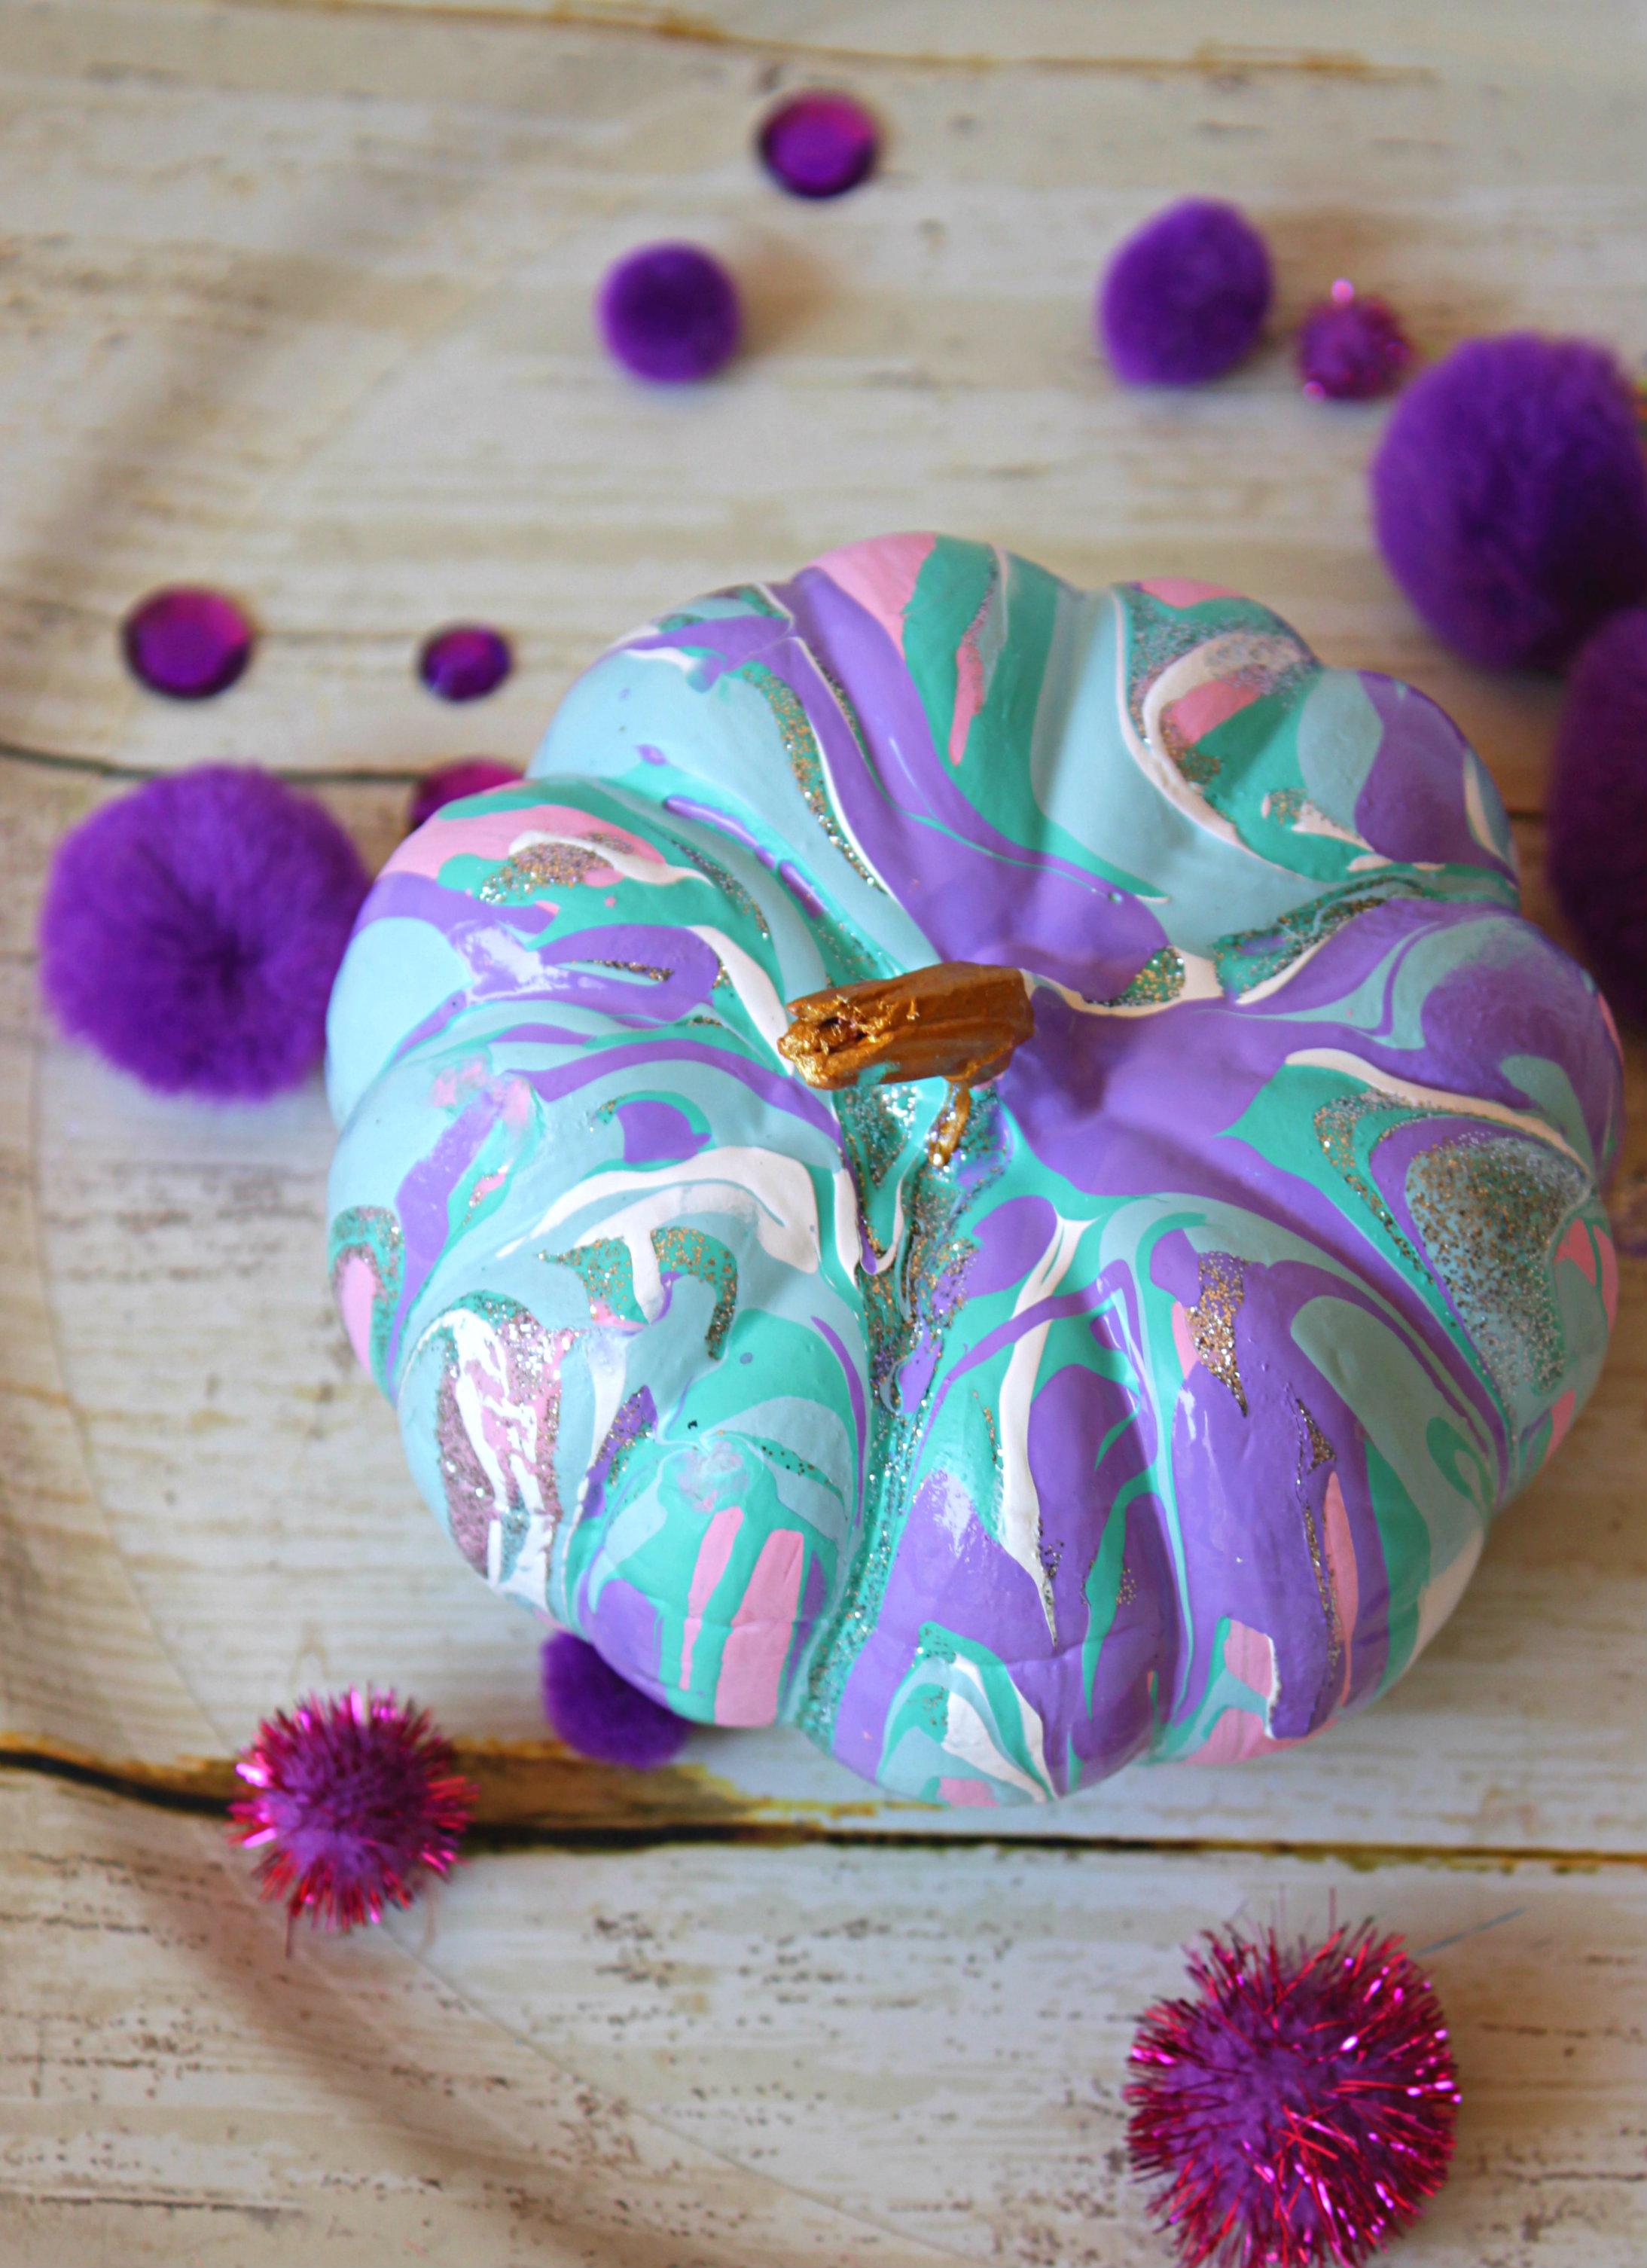 Easy No Carve Drip Paint Pumpkins